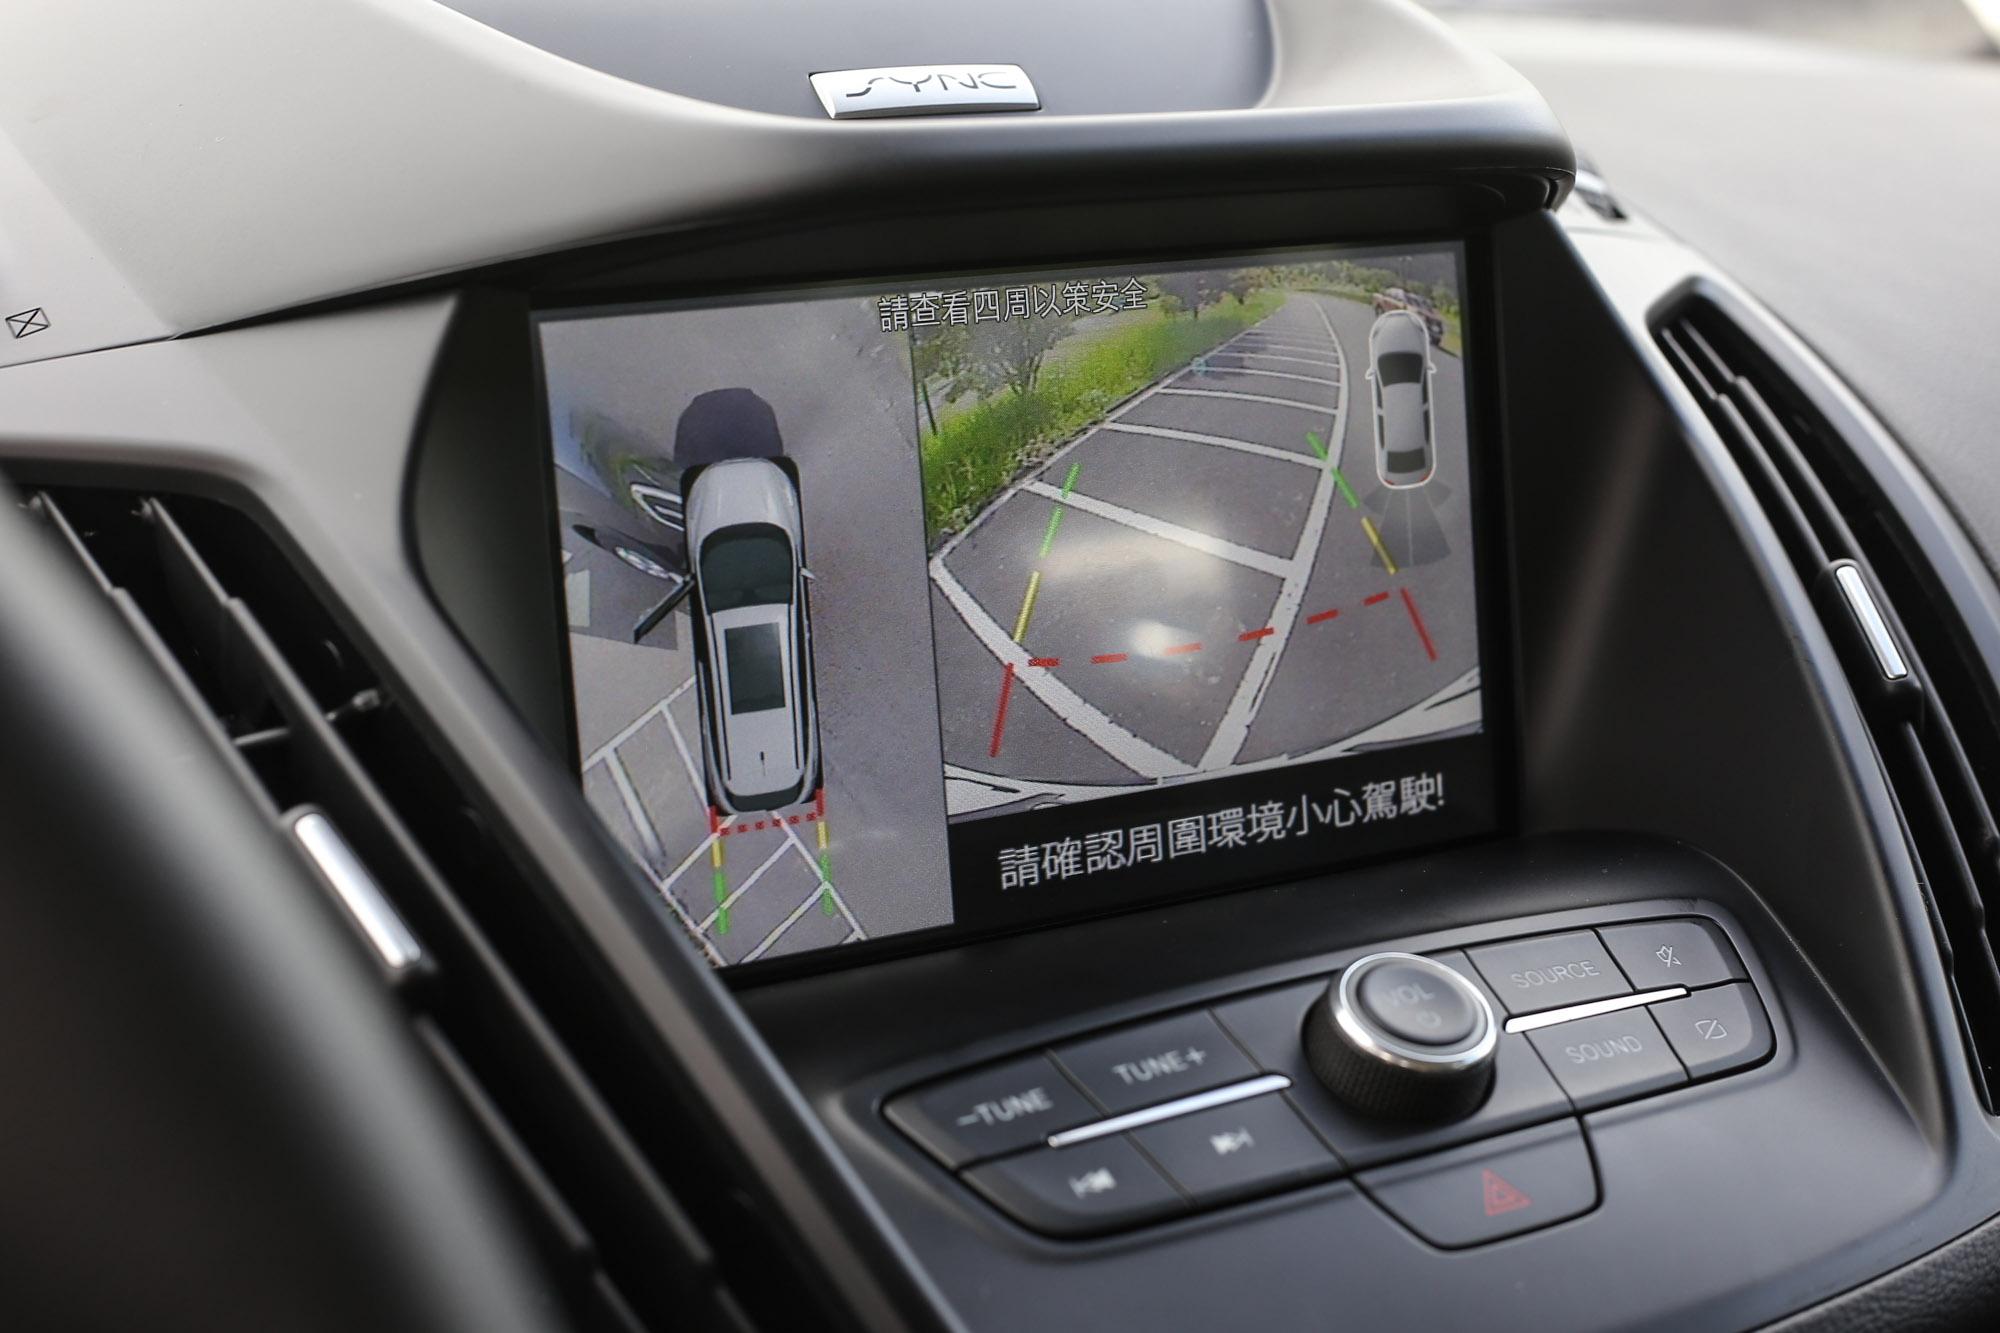 選配的 360 環景影像行車輔助系統大幅提升駕駛對於車身周圍狀況的掌握度。